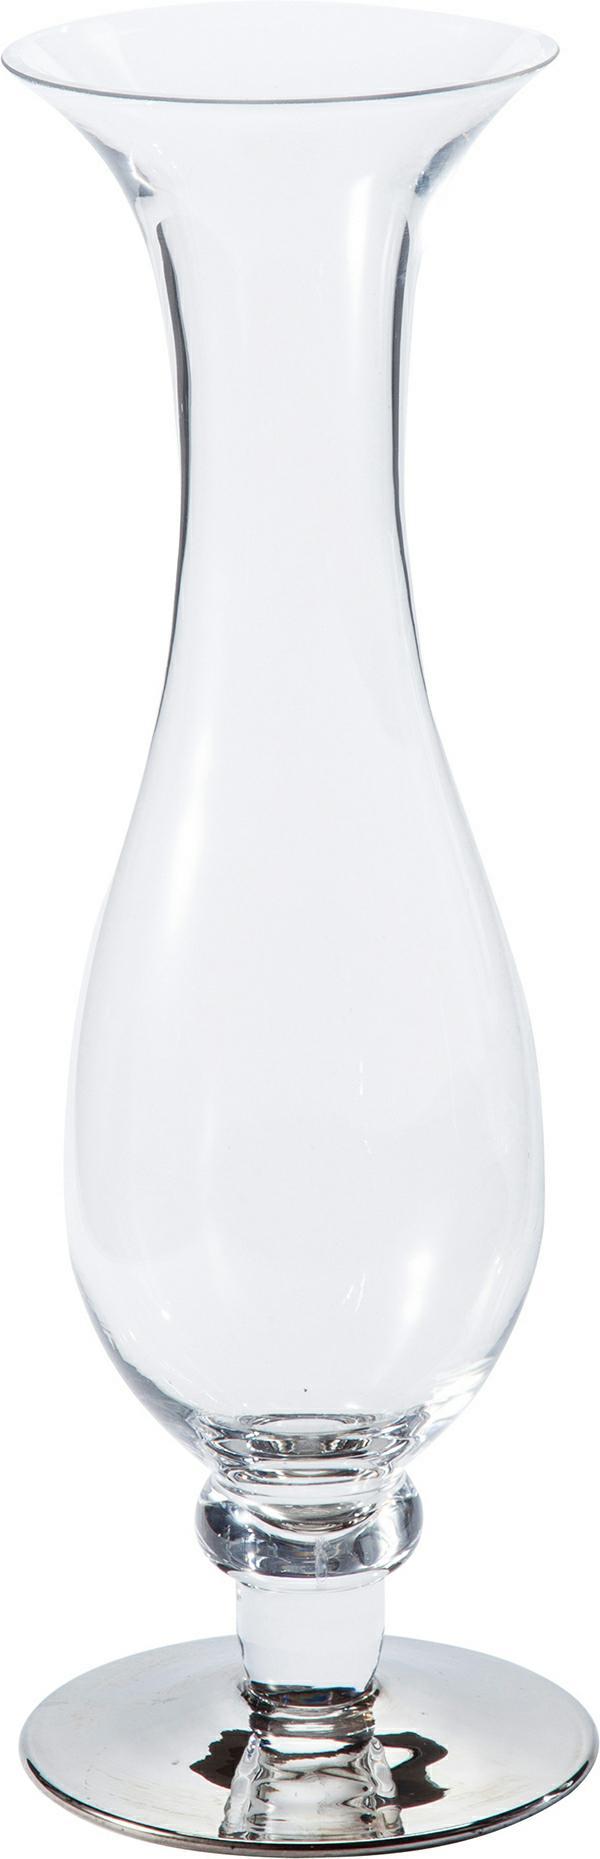 クロムメッキスタンドグラスベース S ガラス製品 限定販売商品